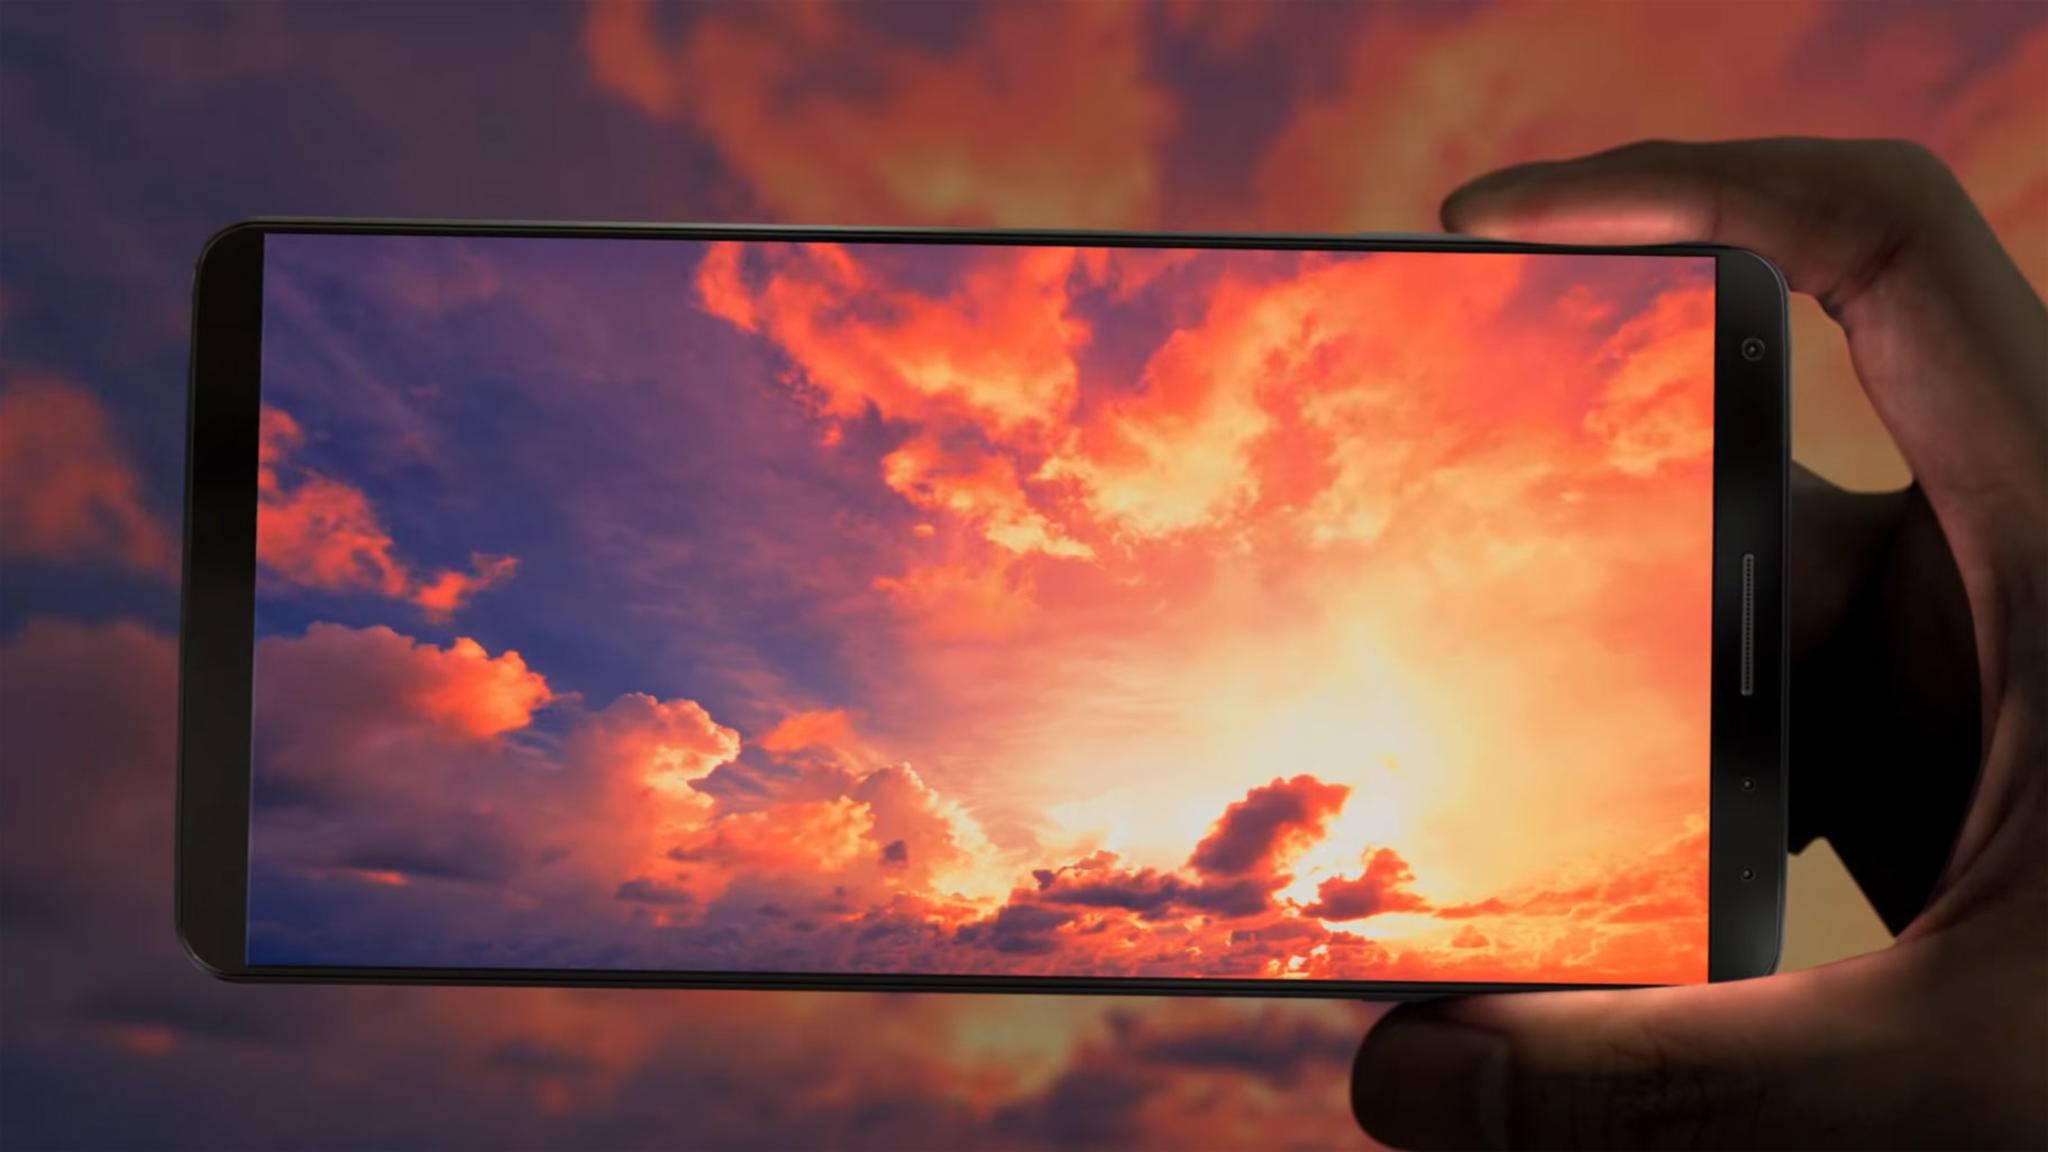 In weniger als 0,01 Sekunden soll das Galaxy S8 Gesichter erkennen.